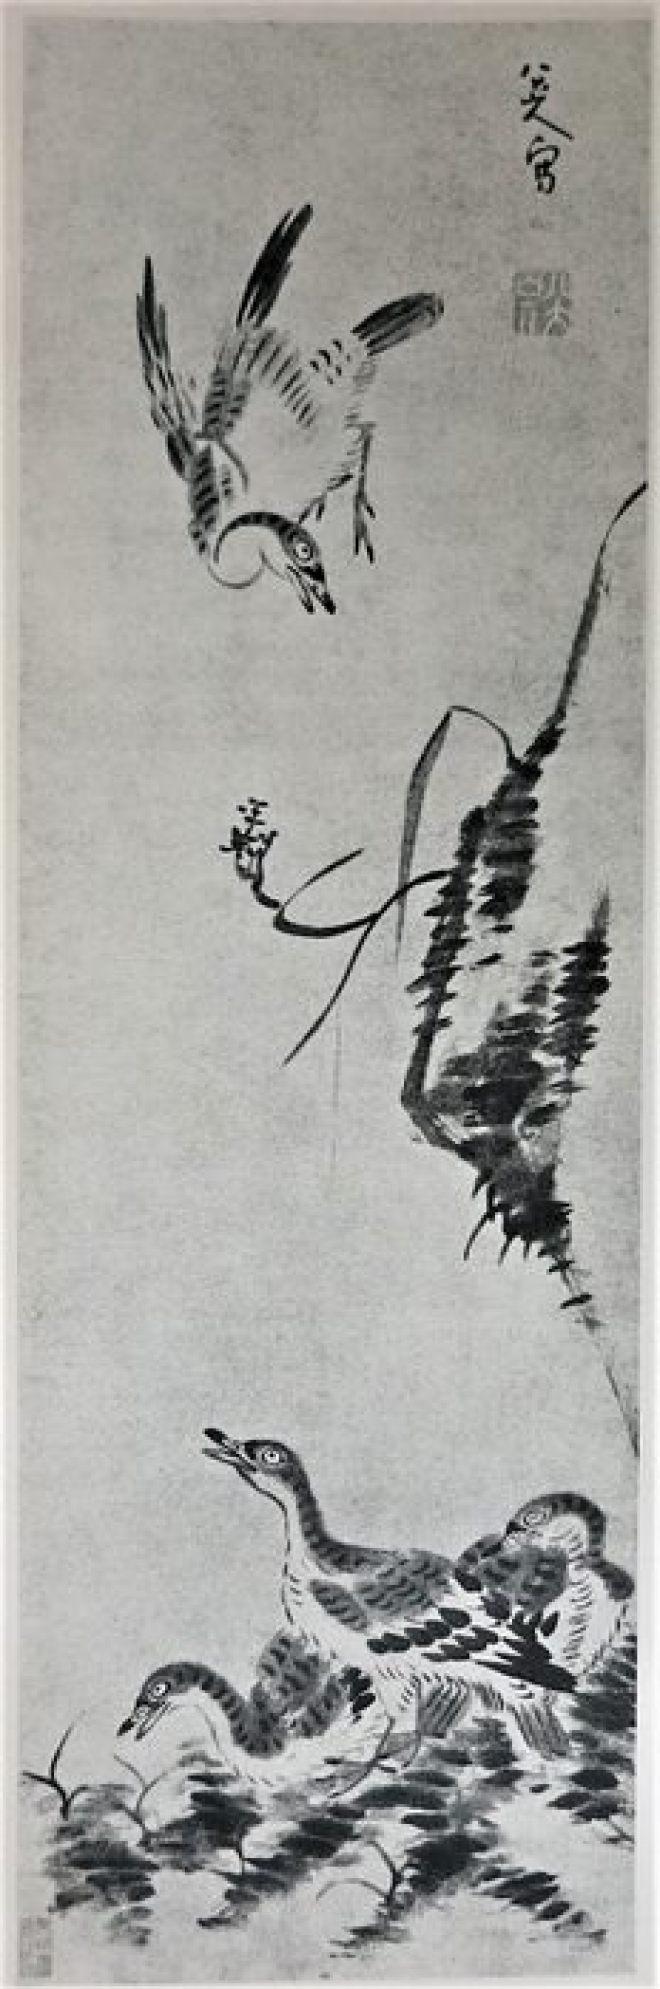 Zhū Dā picture scroll with reeds and ducks 芦 雁 图轴 lúyàntúzhóu